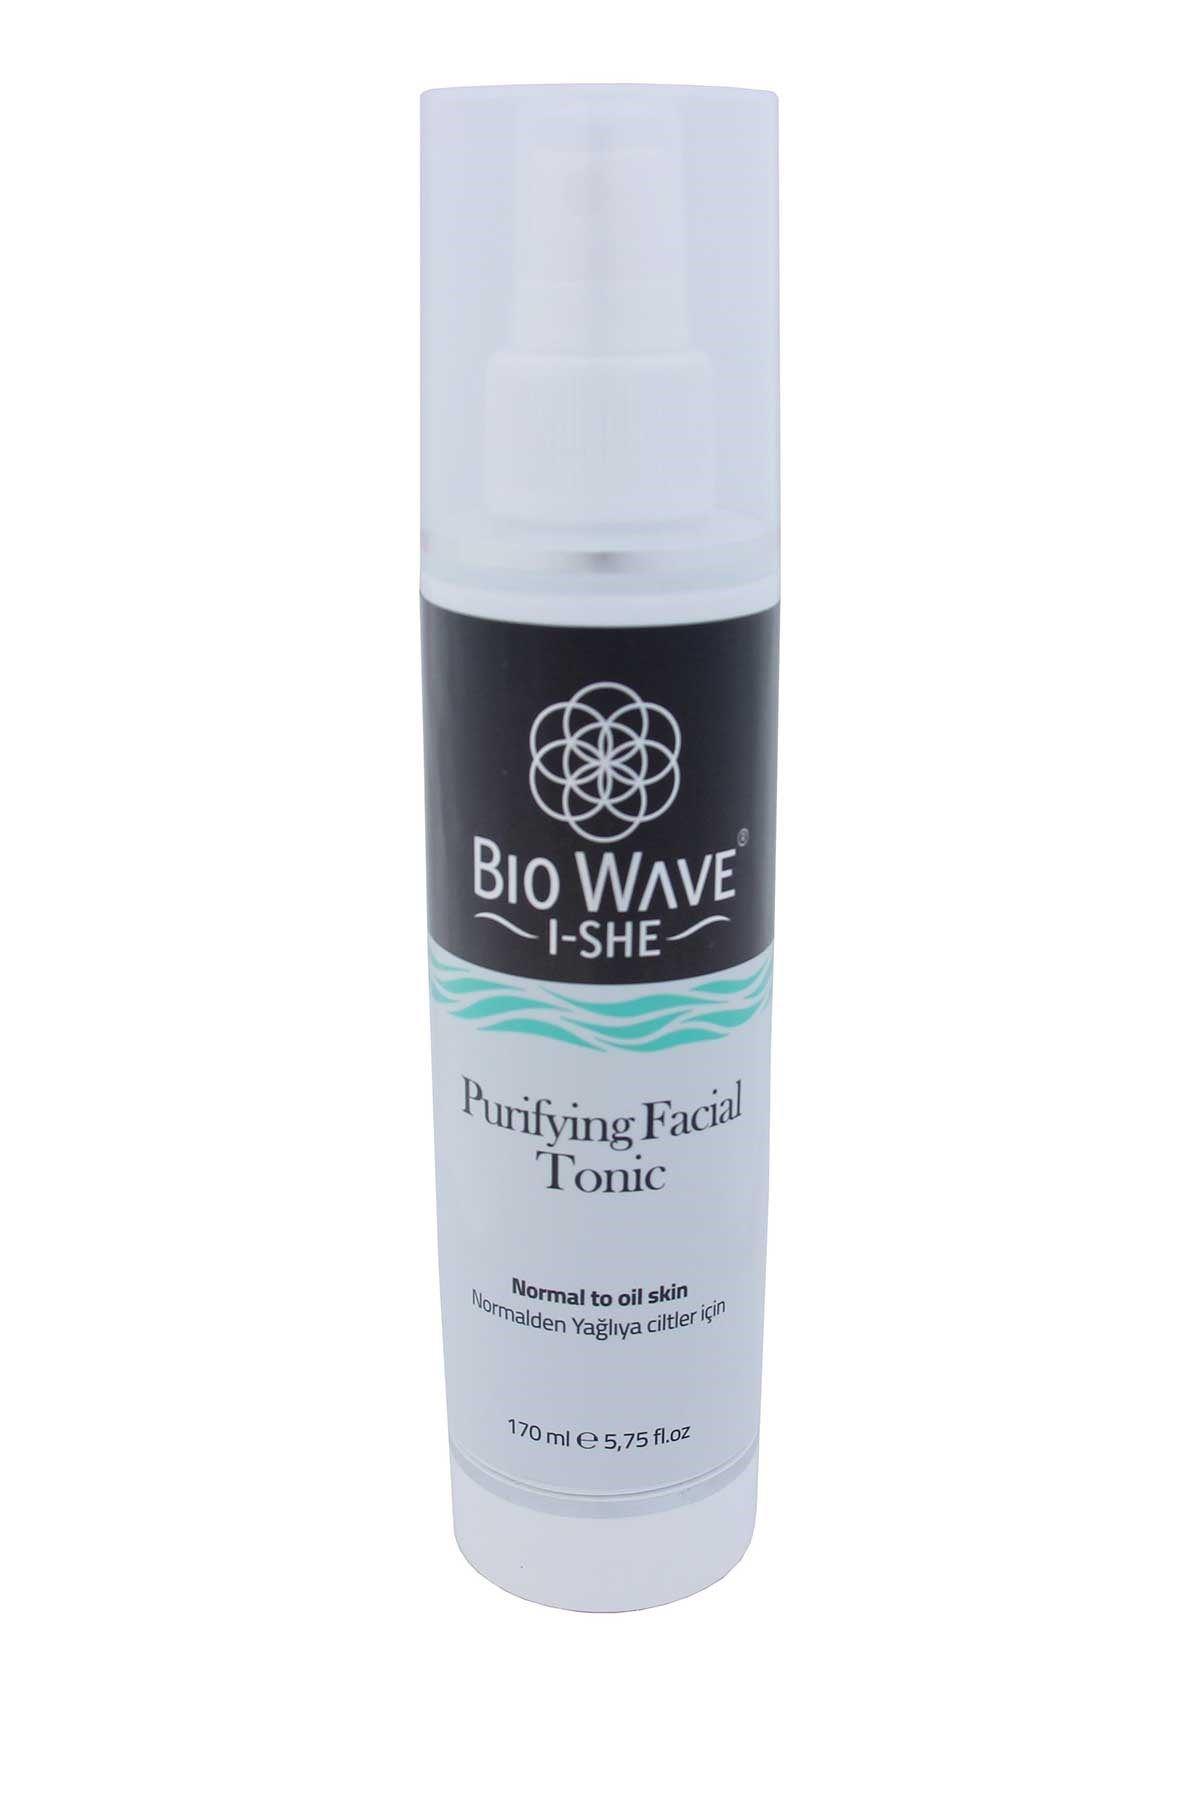 Purifying Facial Tonic 170 ml (Yağlı Cilt Tonik)